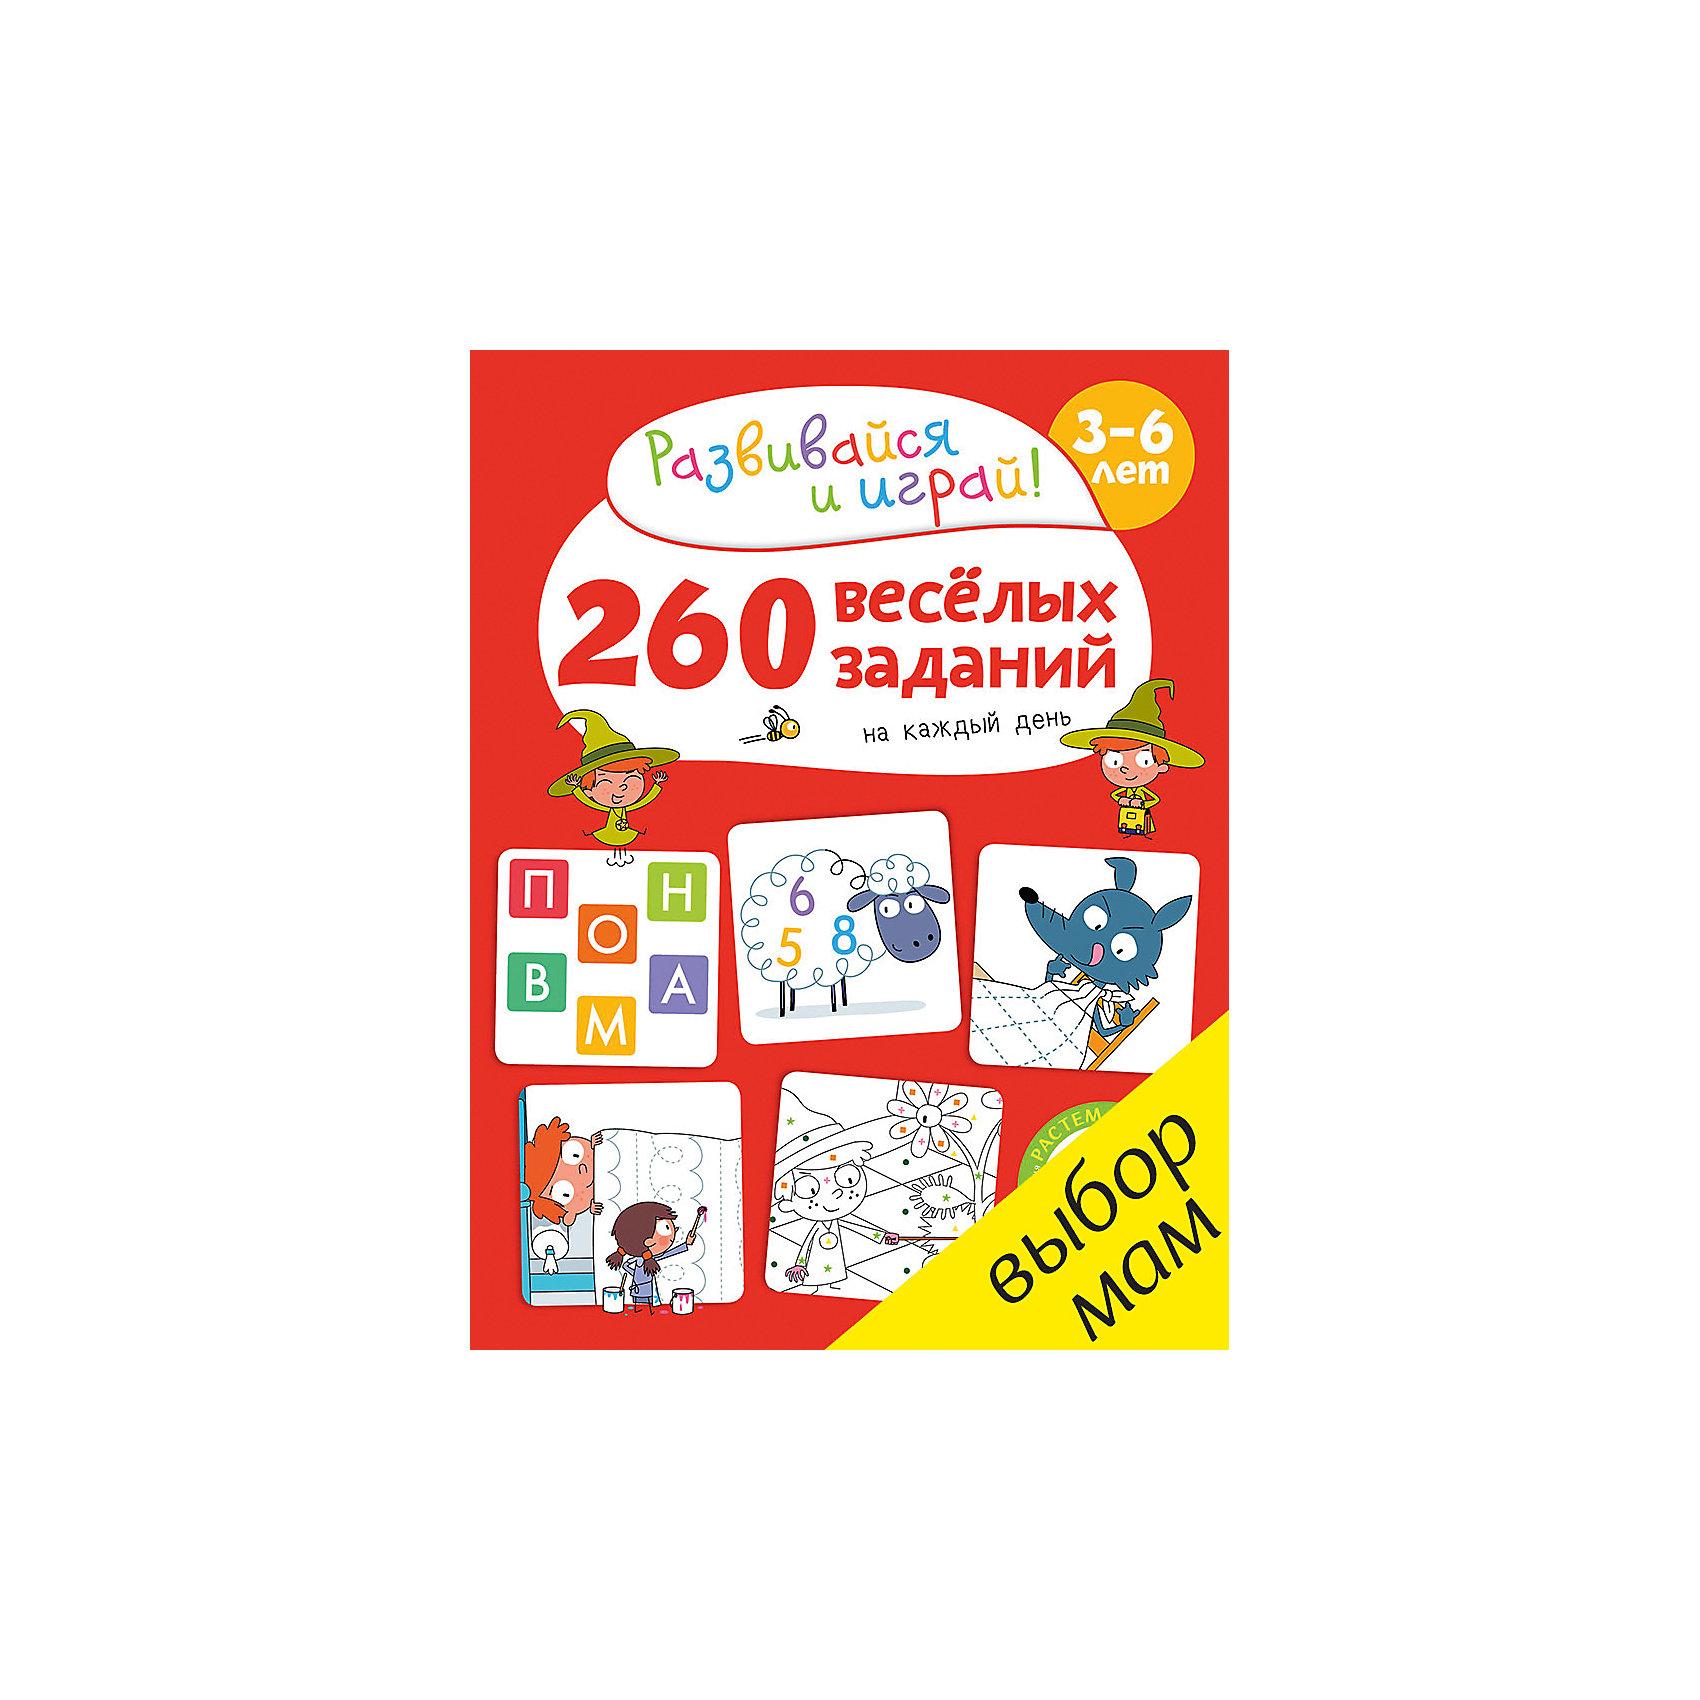 Книжка 260 весёлых заданий на каждый день, 3-6 лет, CleverCLEVER (КЛЕВЕР)<br>Характеристики книжки 260 весёлых заданий на каждый день, 3-6 лет:<br><br>• пол: для мальчиков и девочек<br>• возраст: 3-6 лет<br>• формат: 29х22 см<br>• переплет: мягкий переплёт<br>• кол-во страниц: 16<br>• автор: Карбоней Б.<br>• издательство: Clever<br>• страна обладатель бренда: Россия.<br><br>С книгой серии Развивайся и играй издательства Clever в игровой атмосфере можно всесторонне развить ребенка возрастом 3-6 лет. В издании целых 260 заданий на каждый день, выполняя которые, малыш познакомится с буквами, цветами, формами, познает окружающий мир, потренируется в письме и научится мыслить логически.<br><br>Книжку 260 весёлых заданий на каждый день, 3-6 лет издательства Clever  можно купить в нашем интернет-магазине.<br><br>Ширина мм: 290<br>Глубина мм: 220<br>Высота мм: 8<br>Вес г: 530<br>Возраст от месяцев: 48<br>Возраст до месяцев: 72<br>Пол: Унисекс<br>Возраст: Детский<br>SKU: 5440238